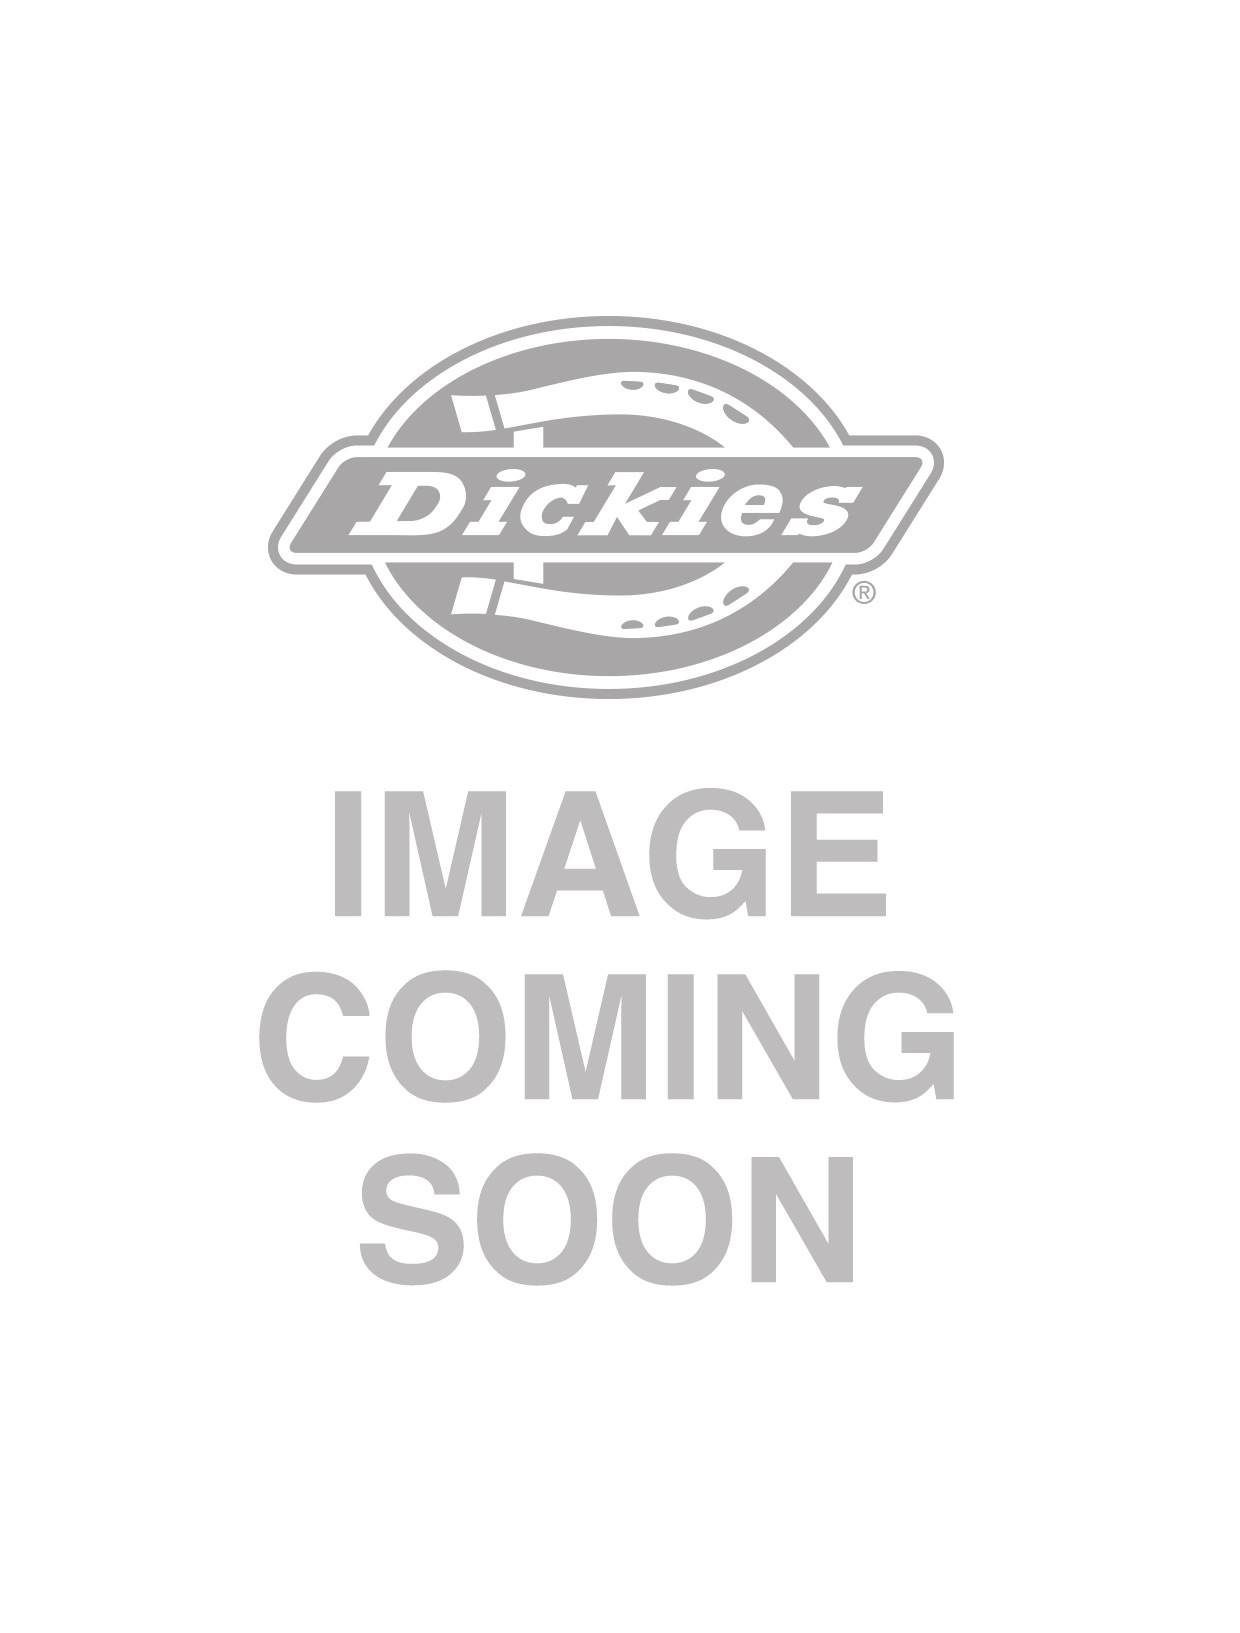 Dickies Womens Knoxboro T-Shirt